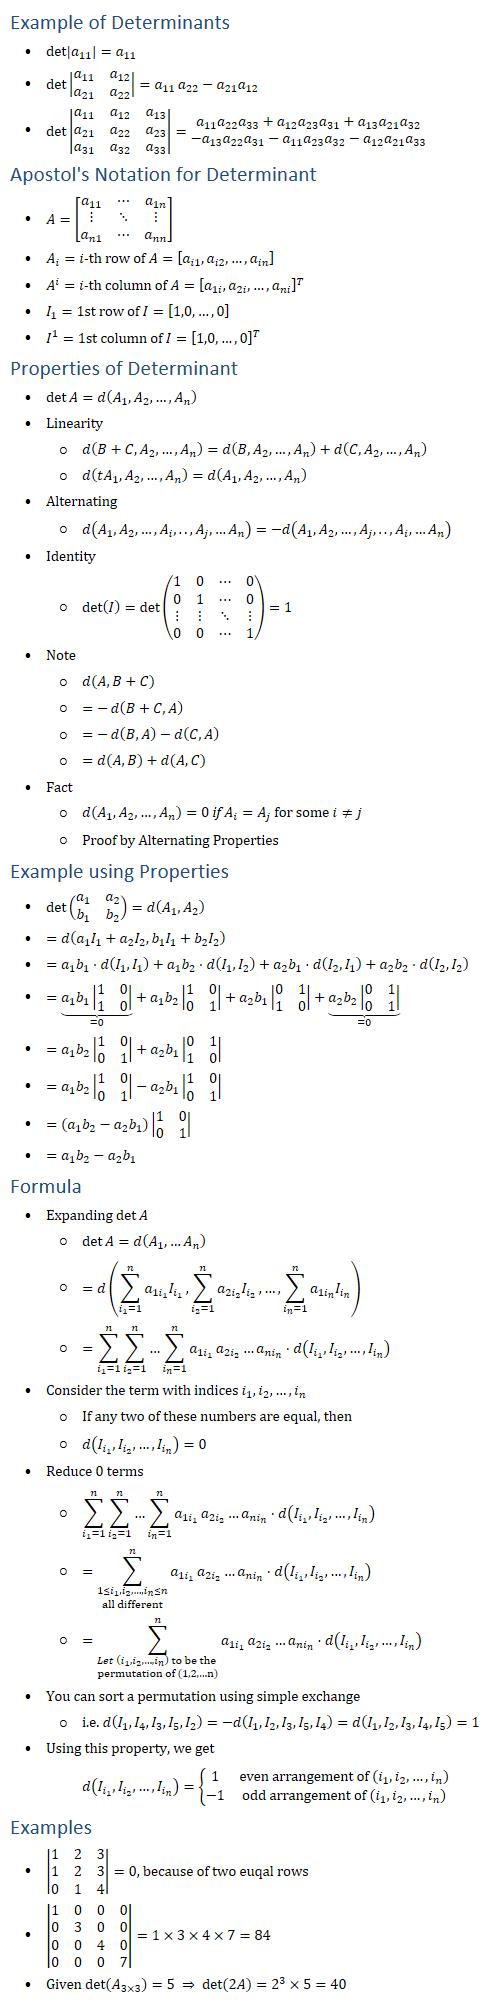 Example of Determinants • det〖|a_11 |=a_11 〗 • det〖|■8(a_11&a_12@a_21&a_22 )|=a_11 〗 a_22−a_21 a_12 • det|■8(a_11&a_12&a_13@a_21&a_22&a_23@a_31&a_32&a_33 )|=■8(a_11 a_22 a_33+a_12 a_23 a_31+a_13 a_21 a_32@−a_13 a_22 a_31−a_11 a_23 a_32−a_12 a_21 a_33 ) Apostol